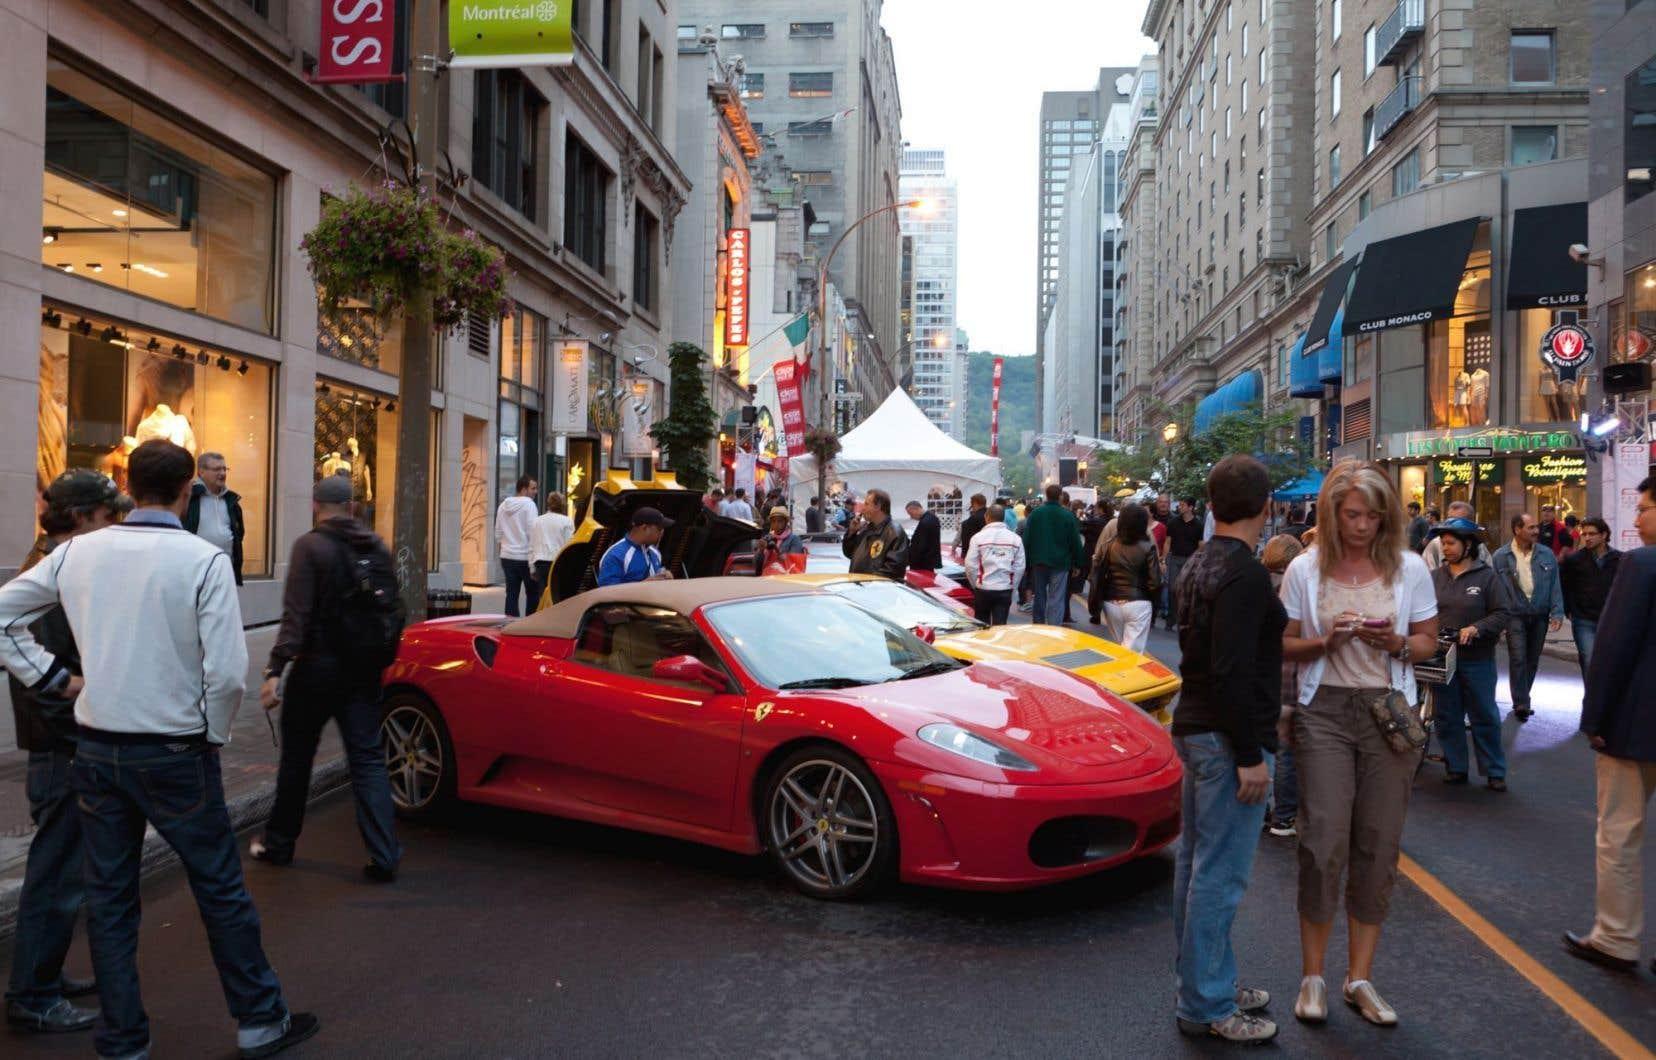 La fin de semaine du Grand Prix de Montréal attire une foule de touristes dans la métropole à chaque année.